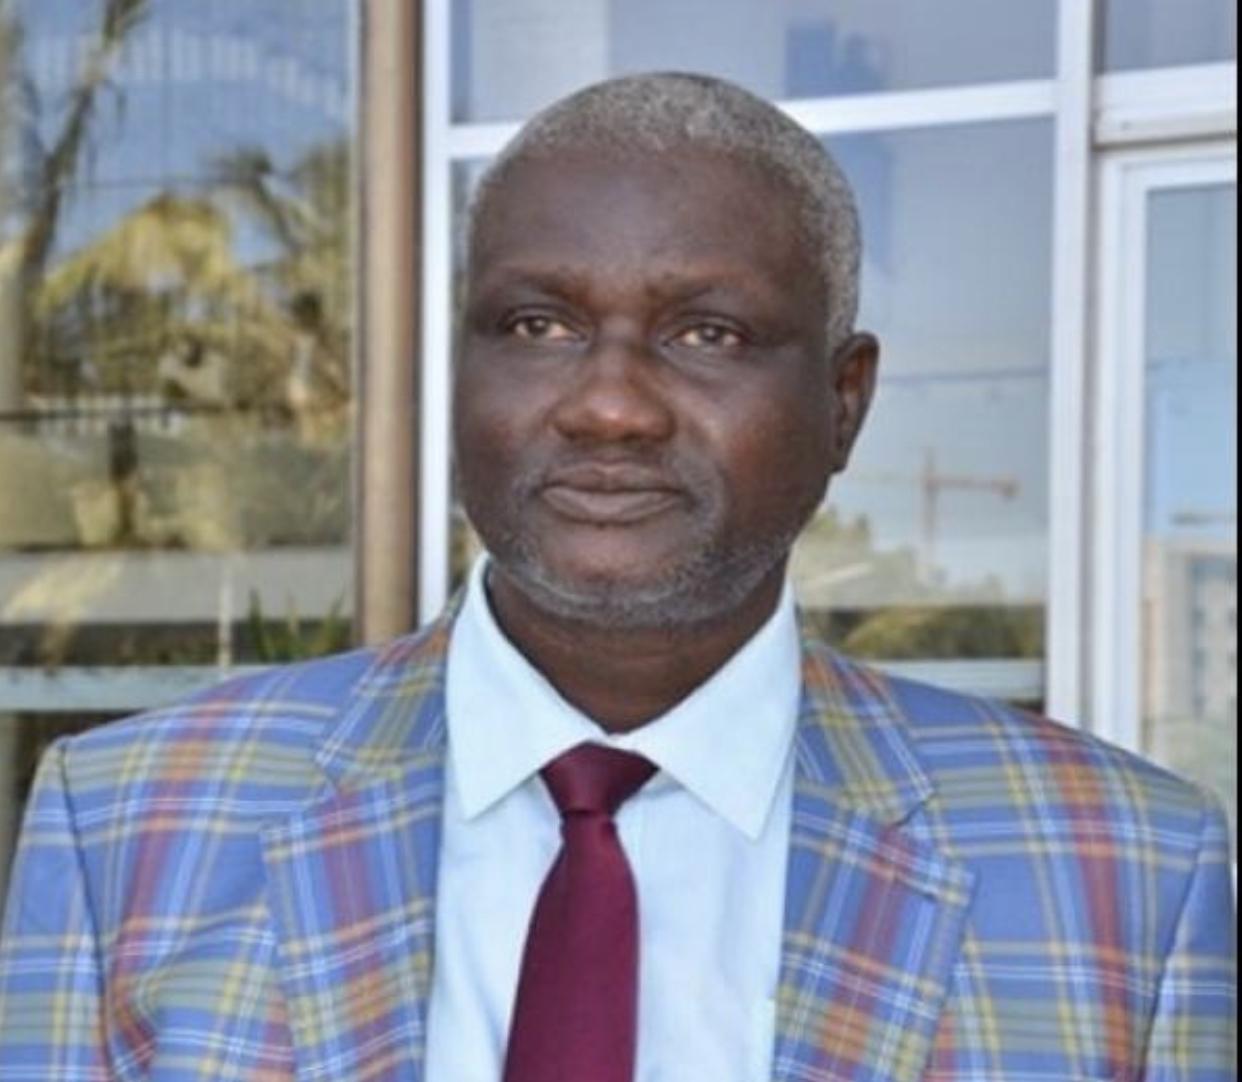 QUE VAUT LA PAROLE DEVANT L'ACTION ? ( Par Ibrahima Baba SALL ,Député Maire de Bakel )